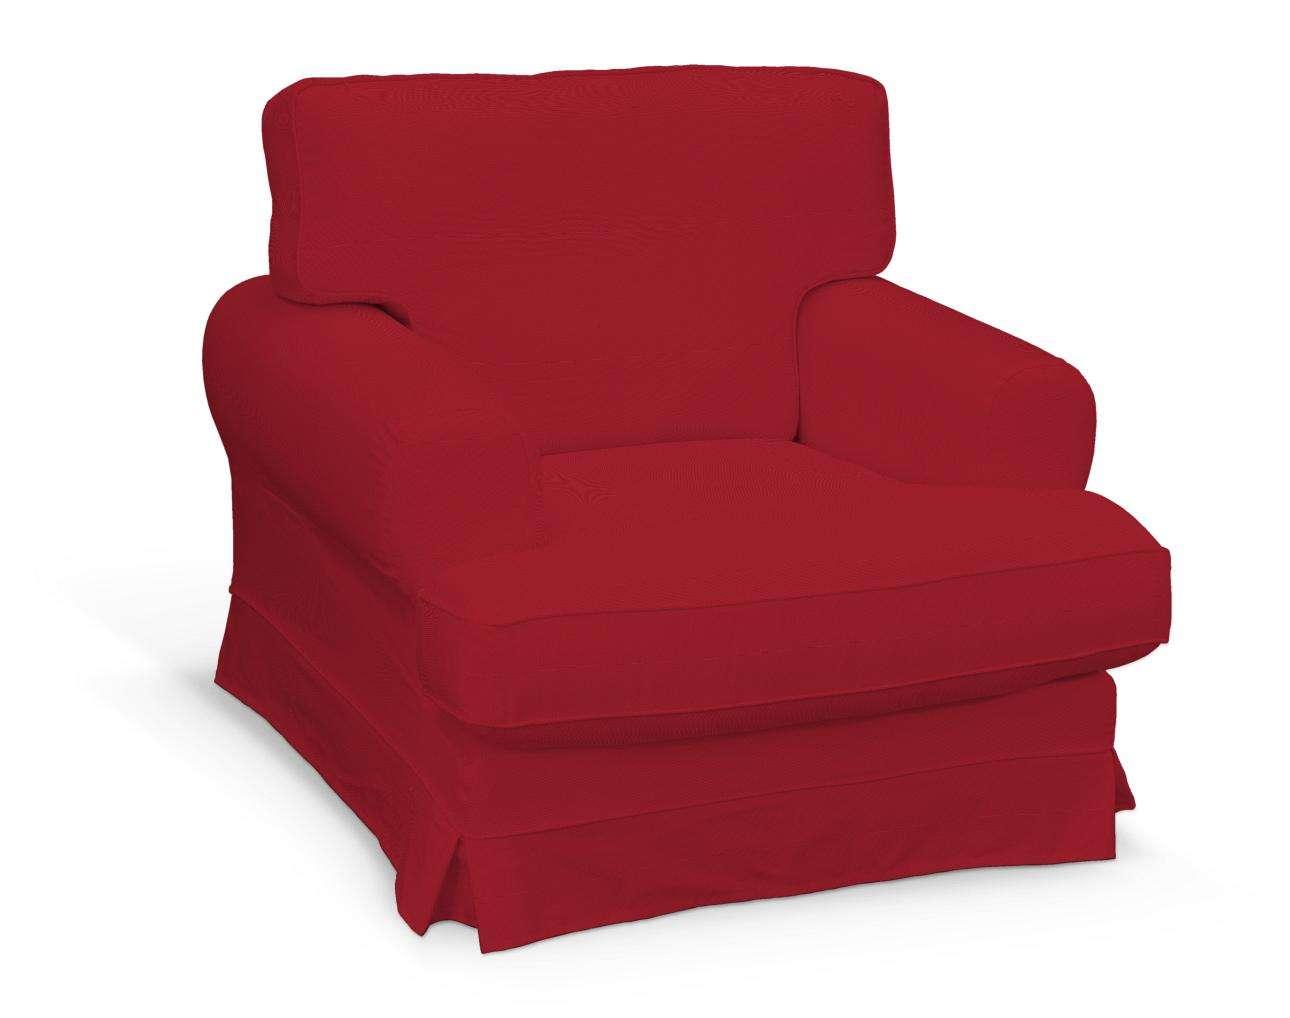 Pokrowiec na fotel Ekeskog w kolekcji Etna, tkanina: 705-60